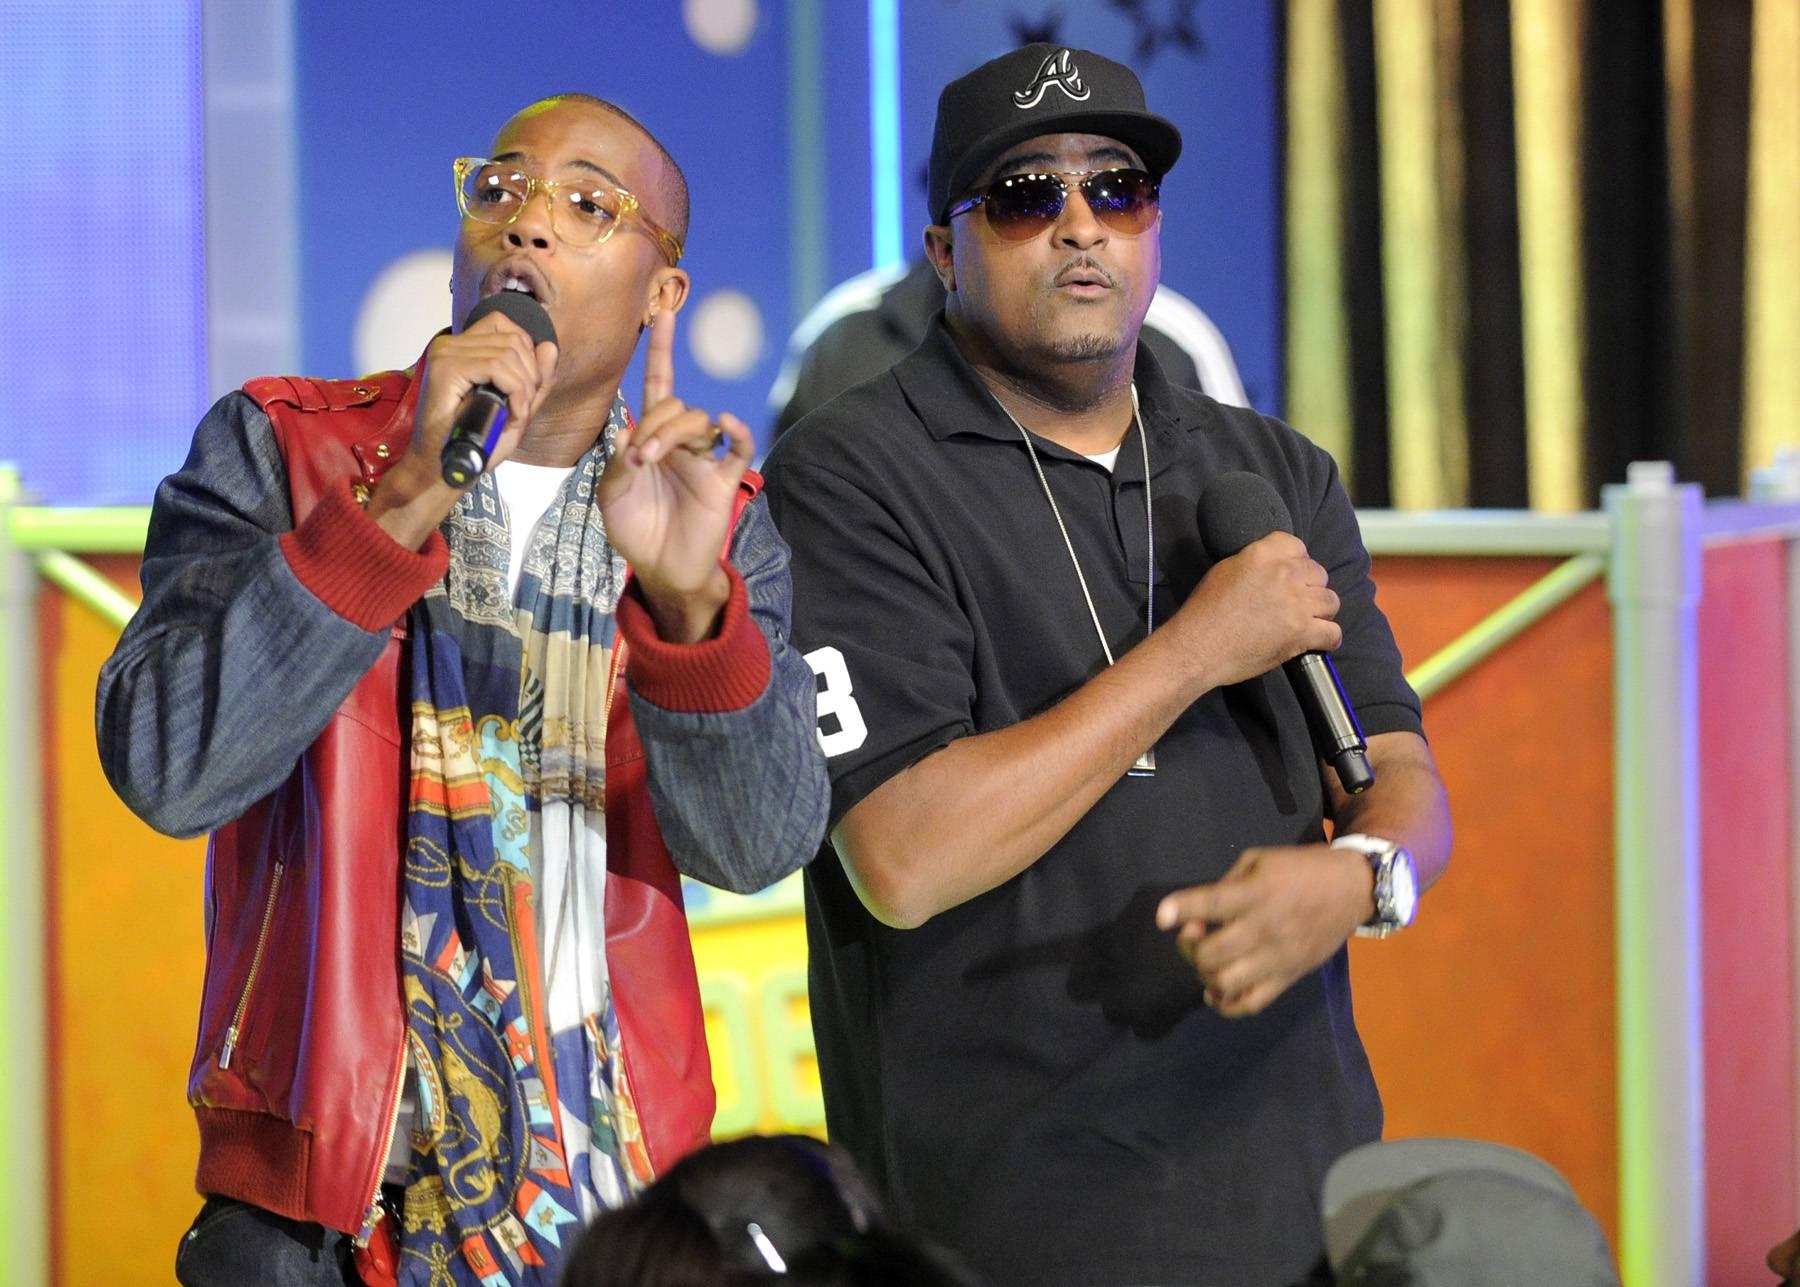 Who Dat - B.o.B performs at 106 & Park, May 1, 2012. (Photo: John Ricard / BET)